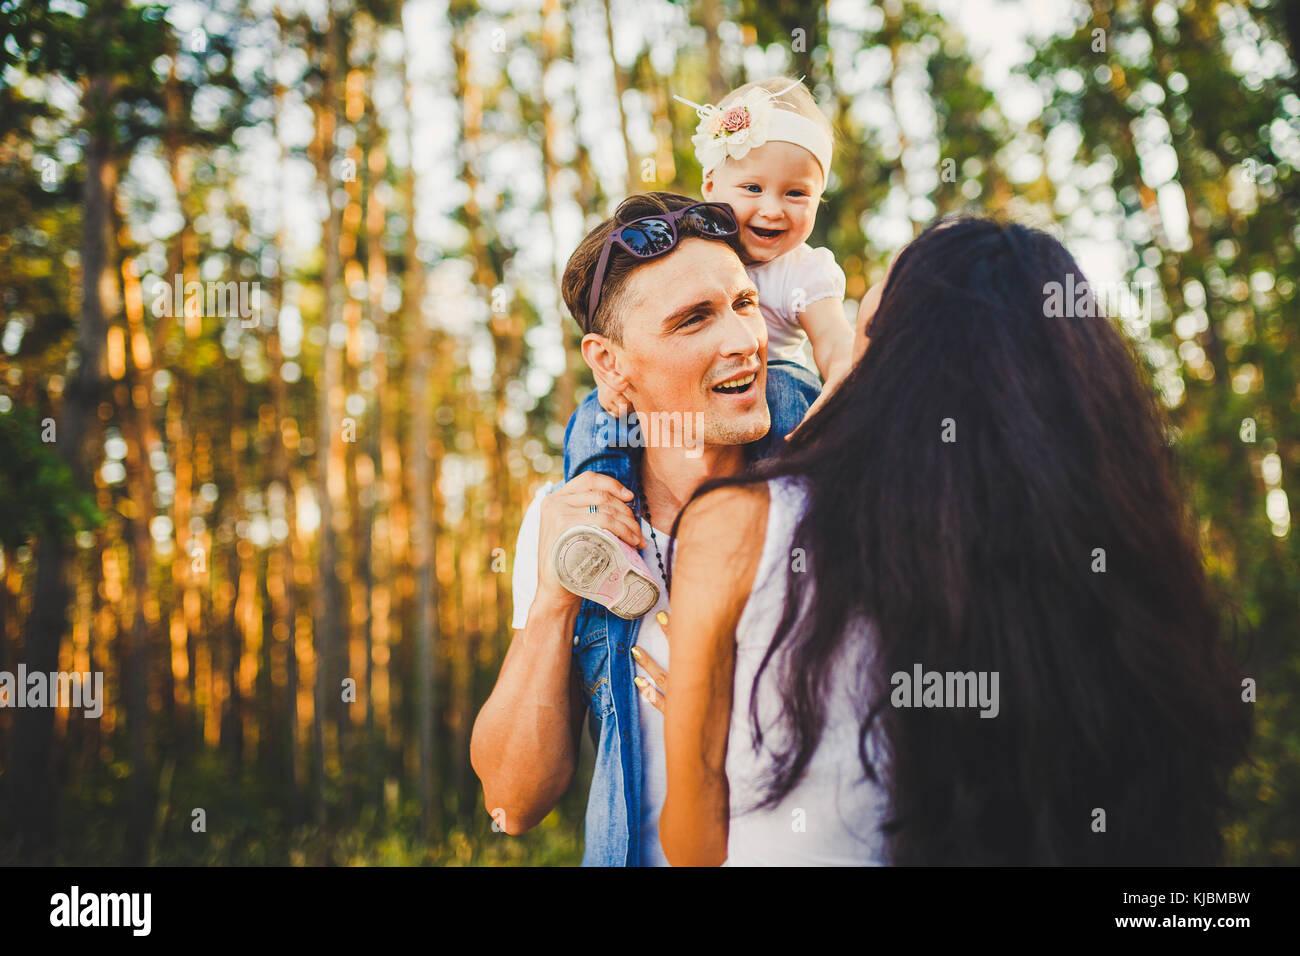 Elegante joven familia de mamá, papá e hija de un año de edad rubio sentado cerca de padre en los Imagen De Stock